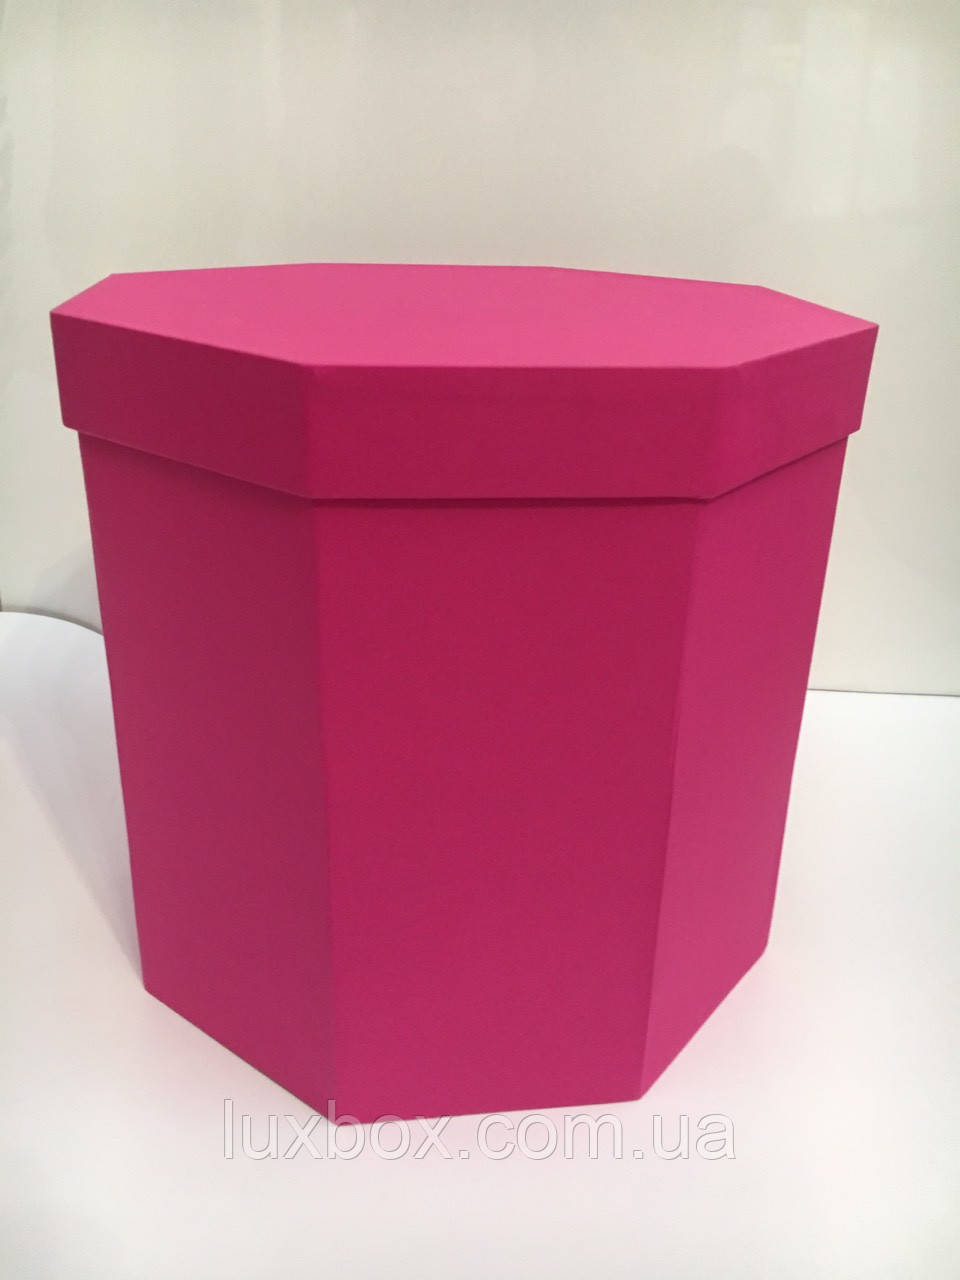 Коробка Вісьмигранник h22/d22